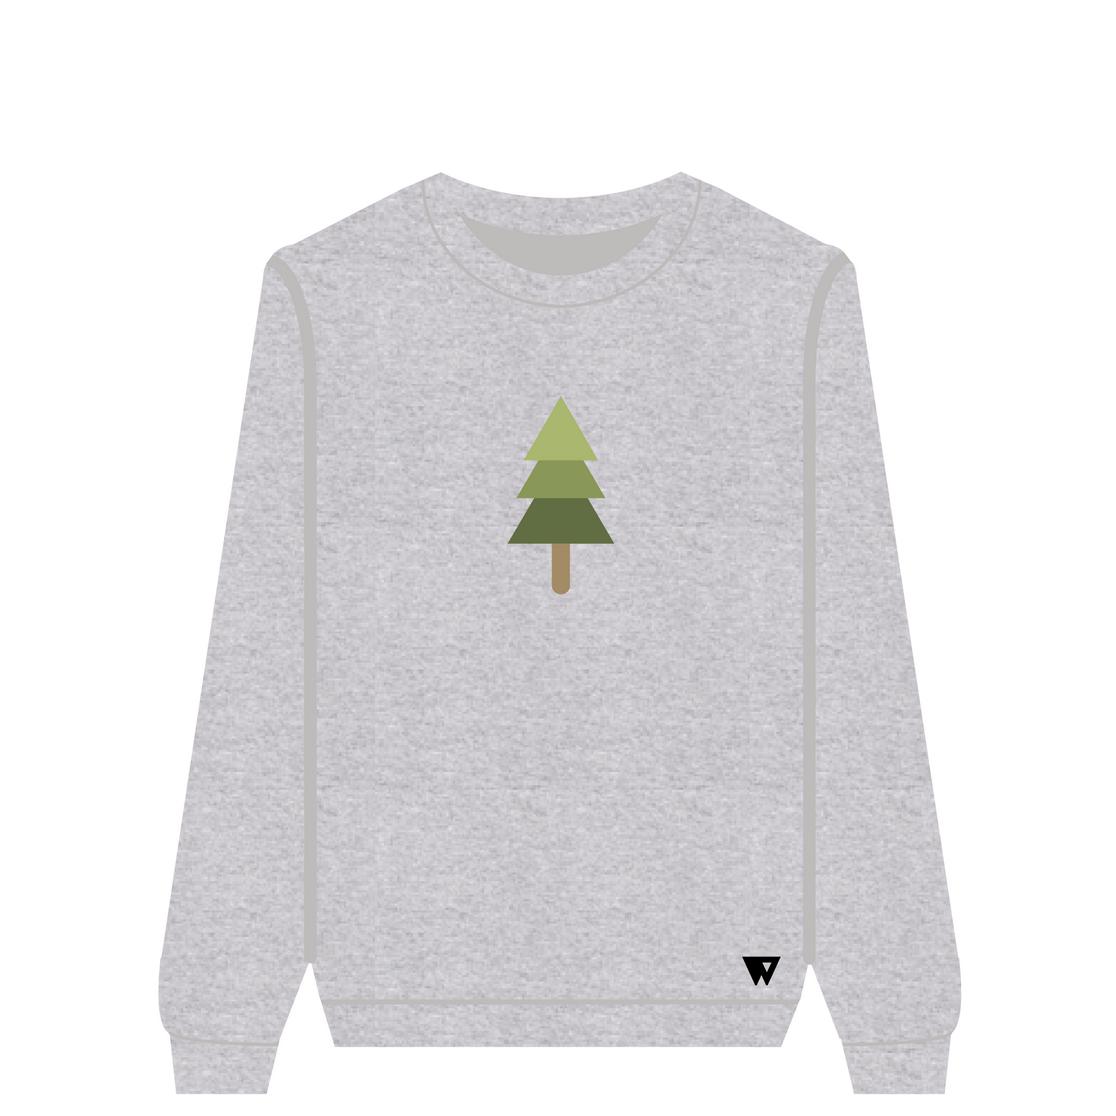 Sweatshirt Spruce | Wuzzee